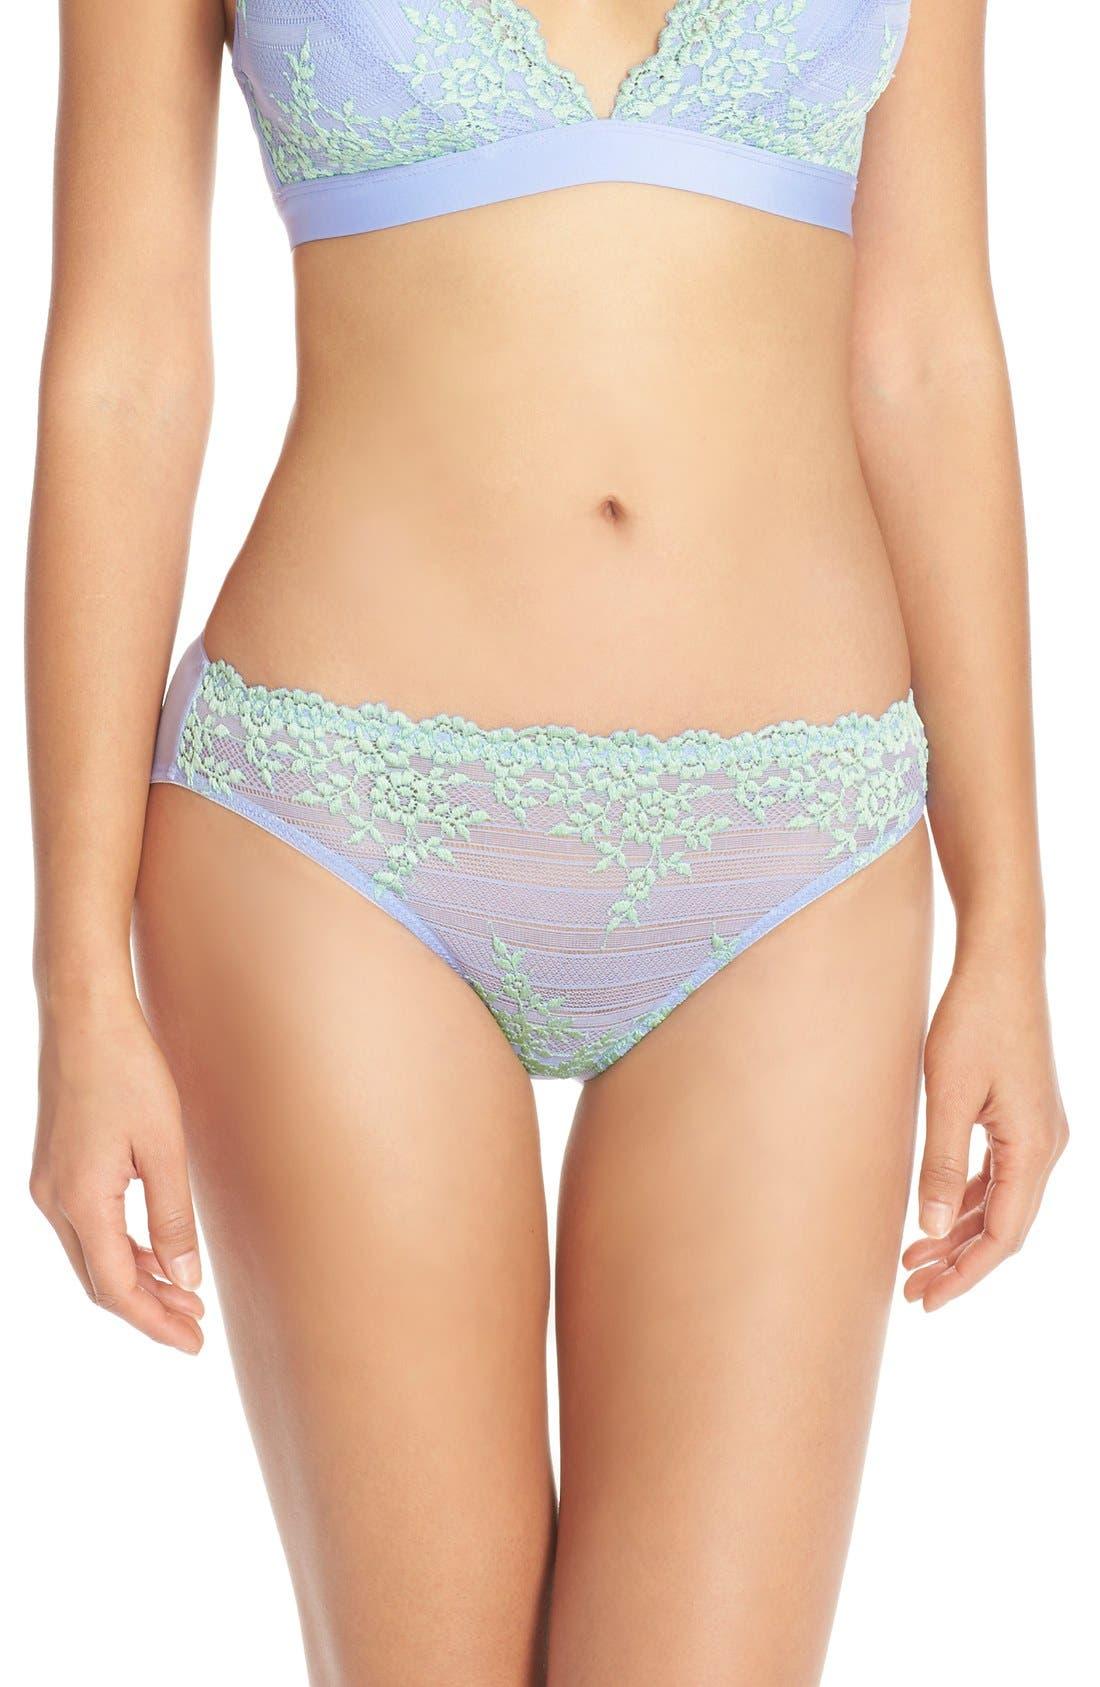 'Embrace' Lace Bikini,                             Main thumbnail 1, color,                             501